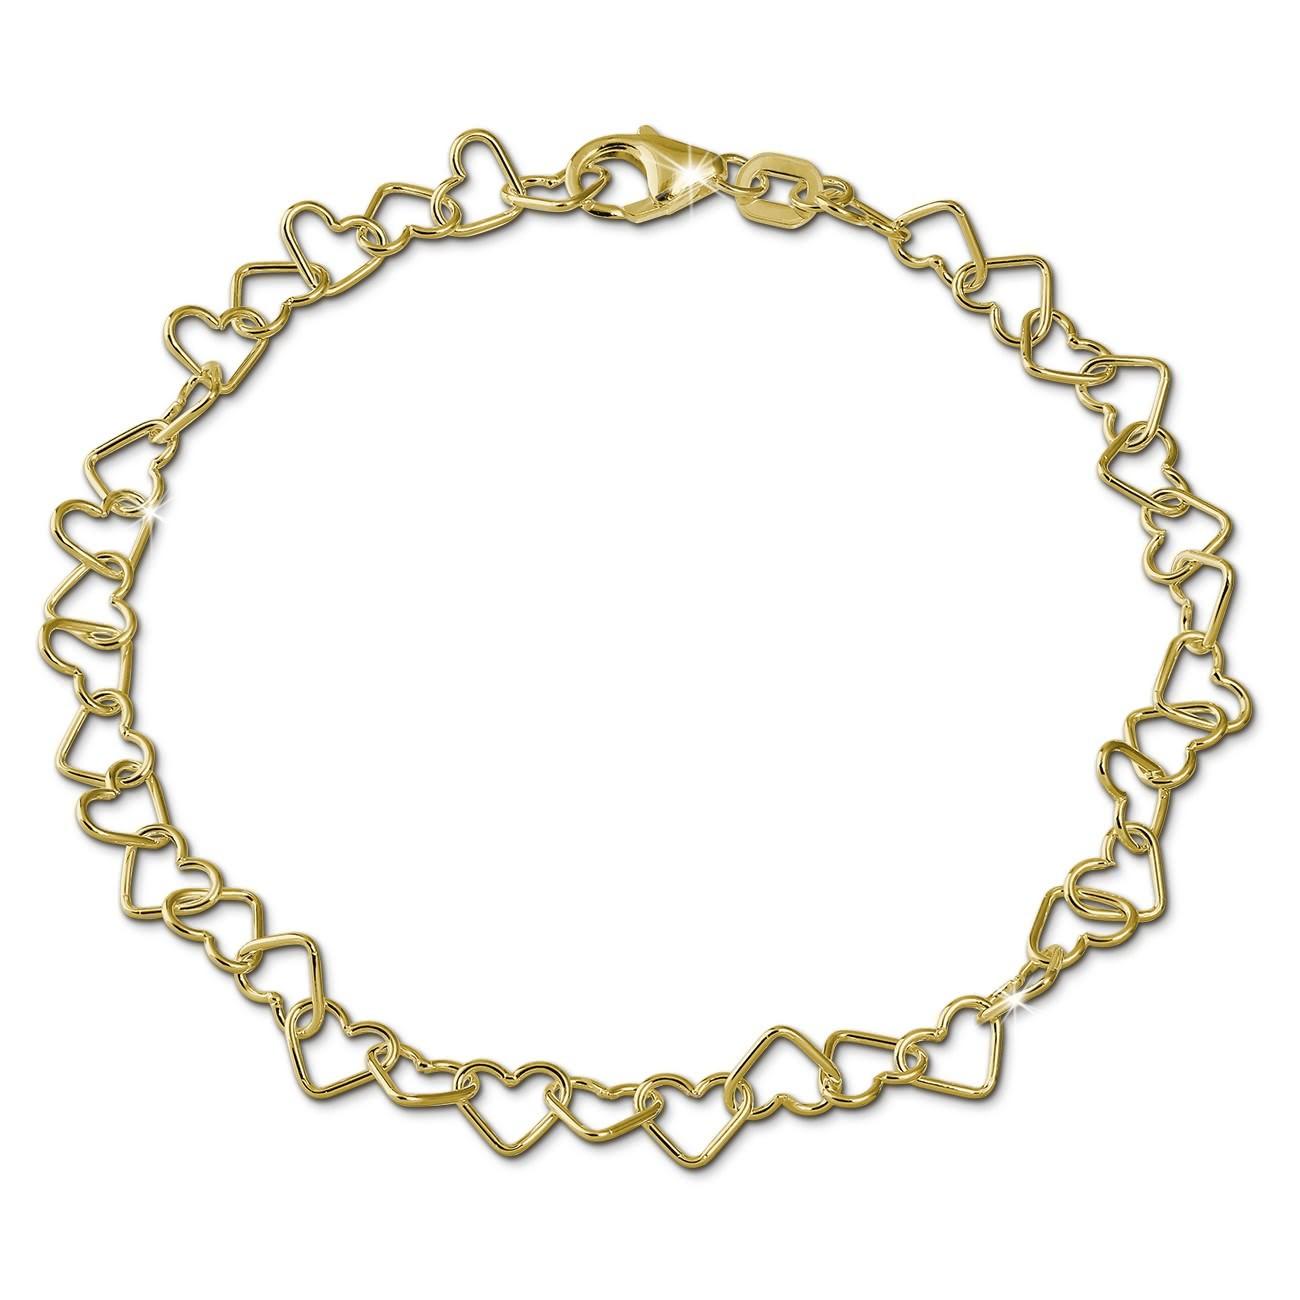 SilberDream Armband Herzchen 333 Gold 18,5cm 8 Karat Damen GDA0148Y